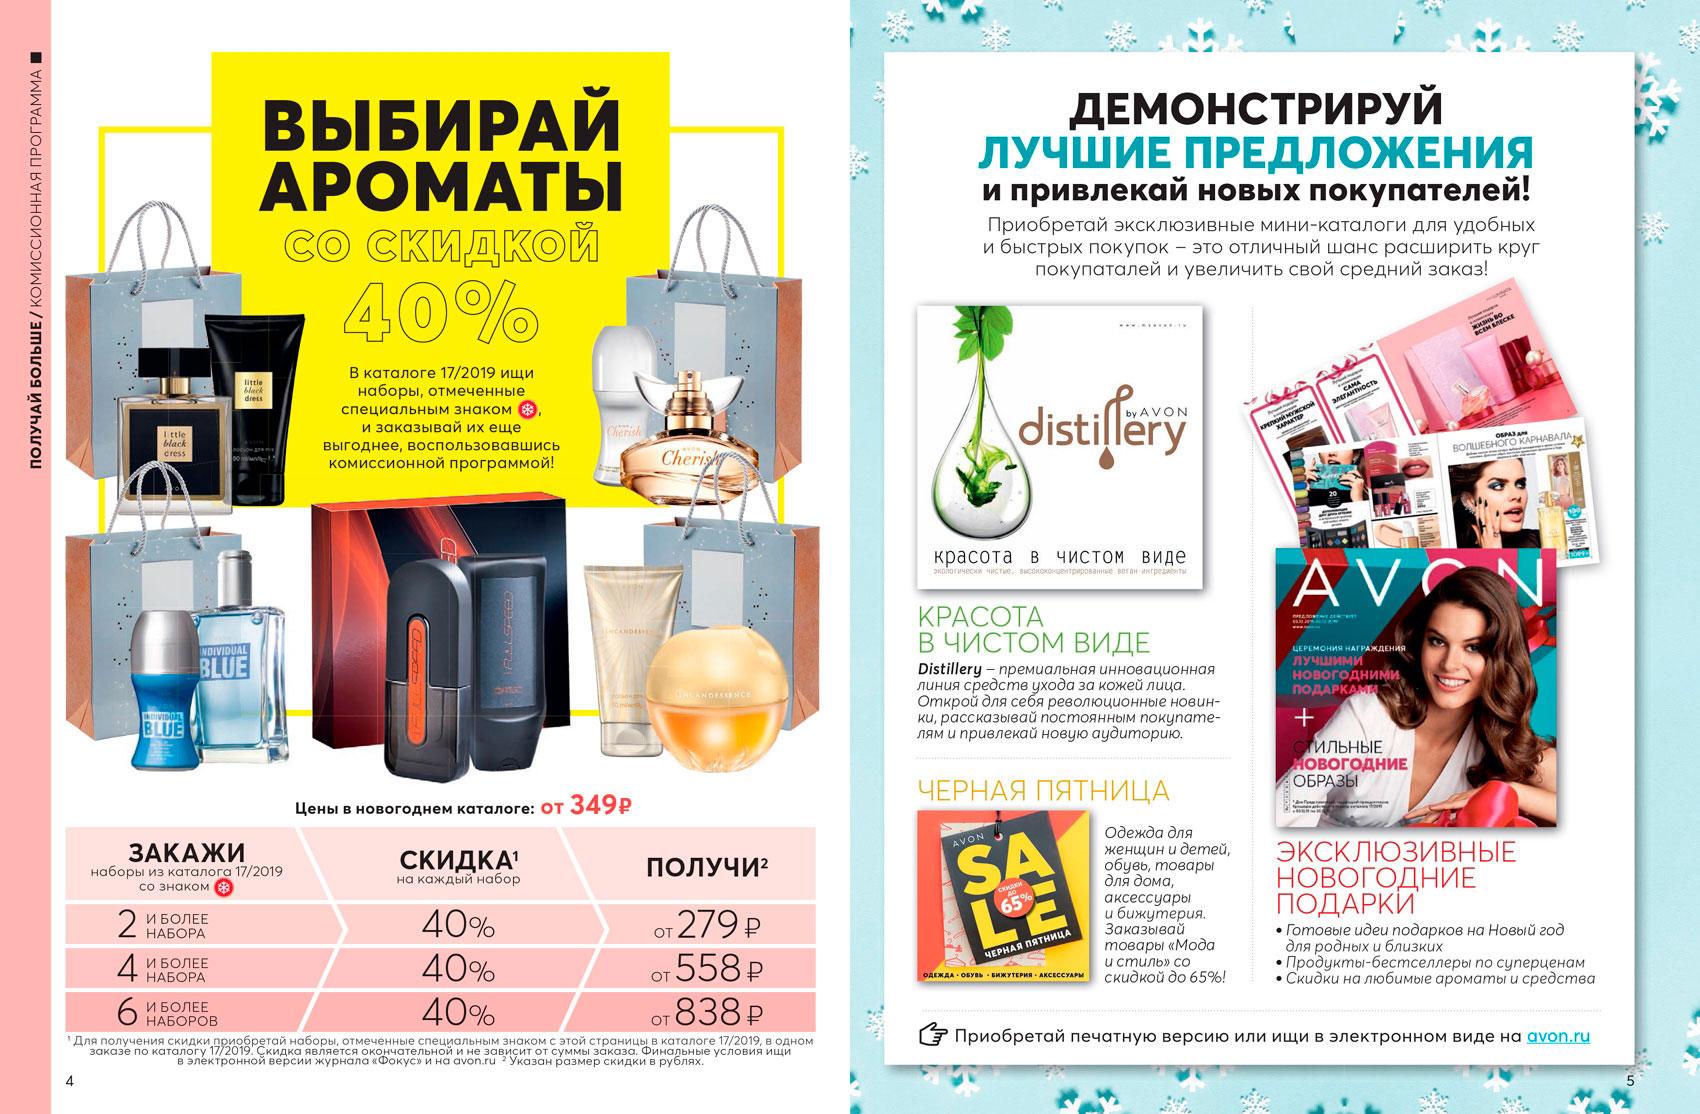 Avon акция эффектный look косметика премьер купить в нижнем новгороде